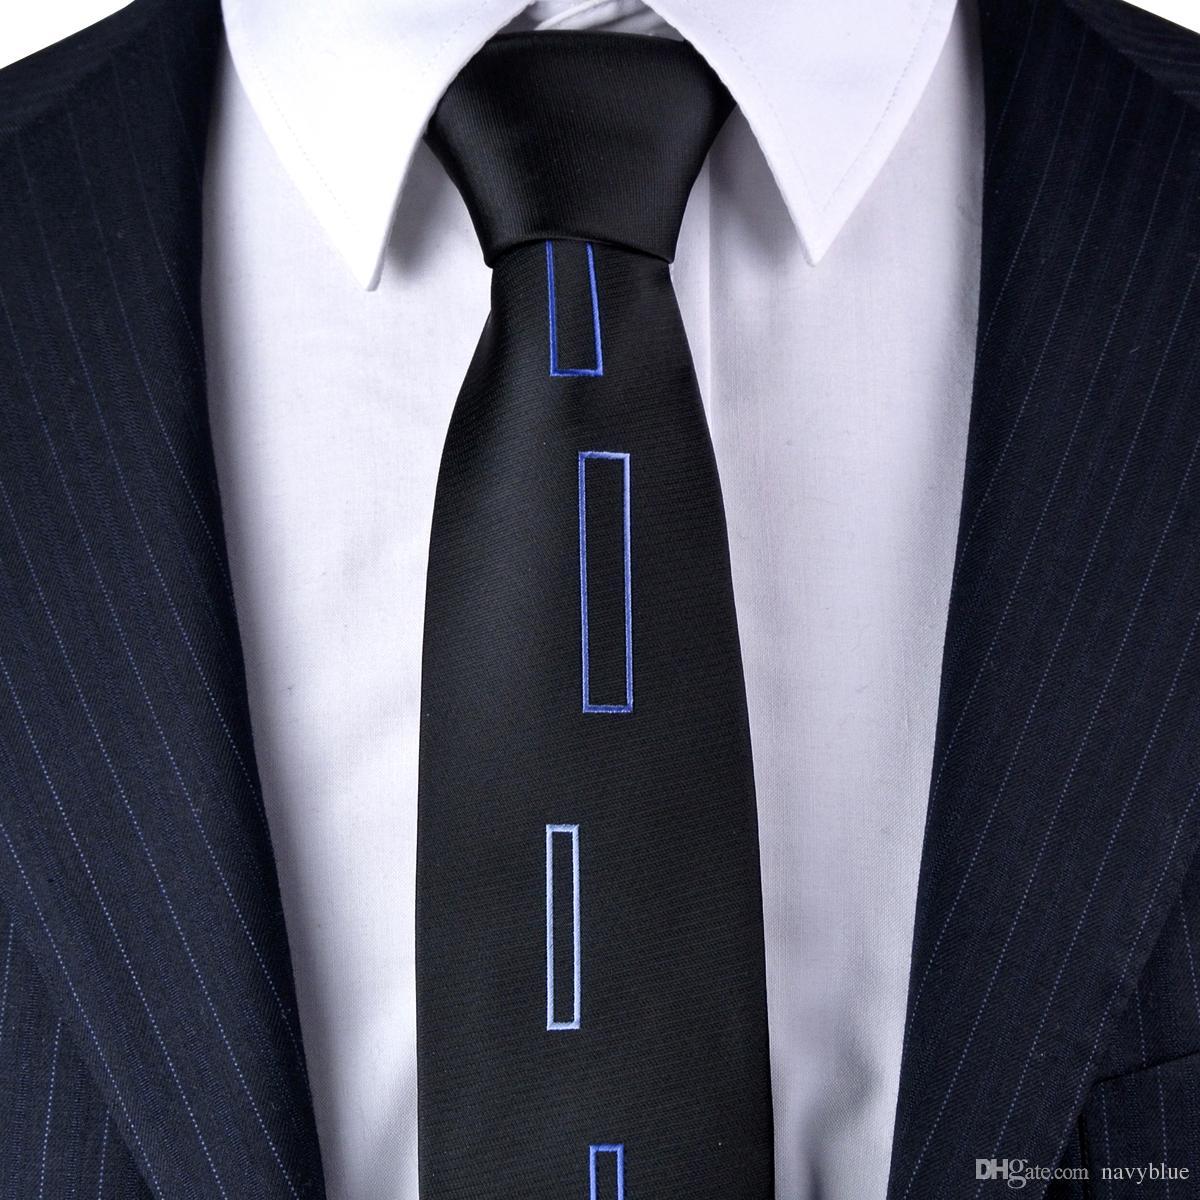 Skinny Tie Checked Solid Black Blue White Mens Ties Neckties 100